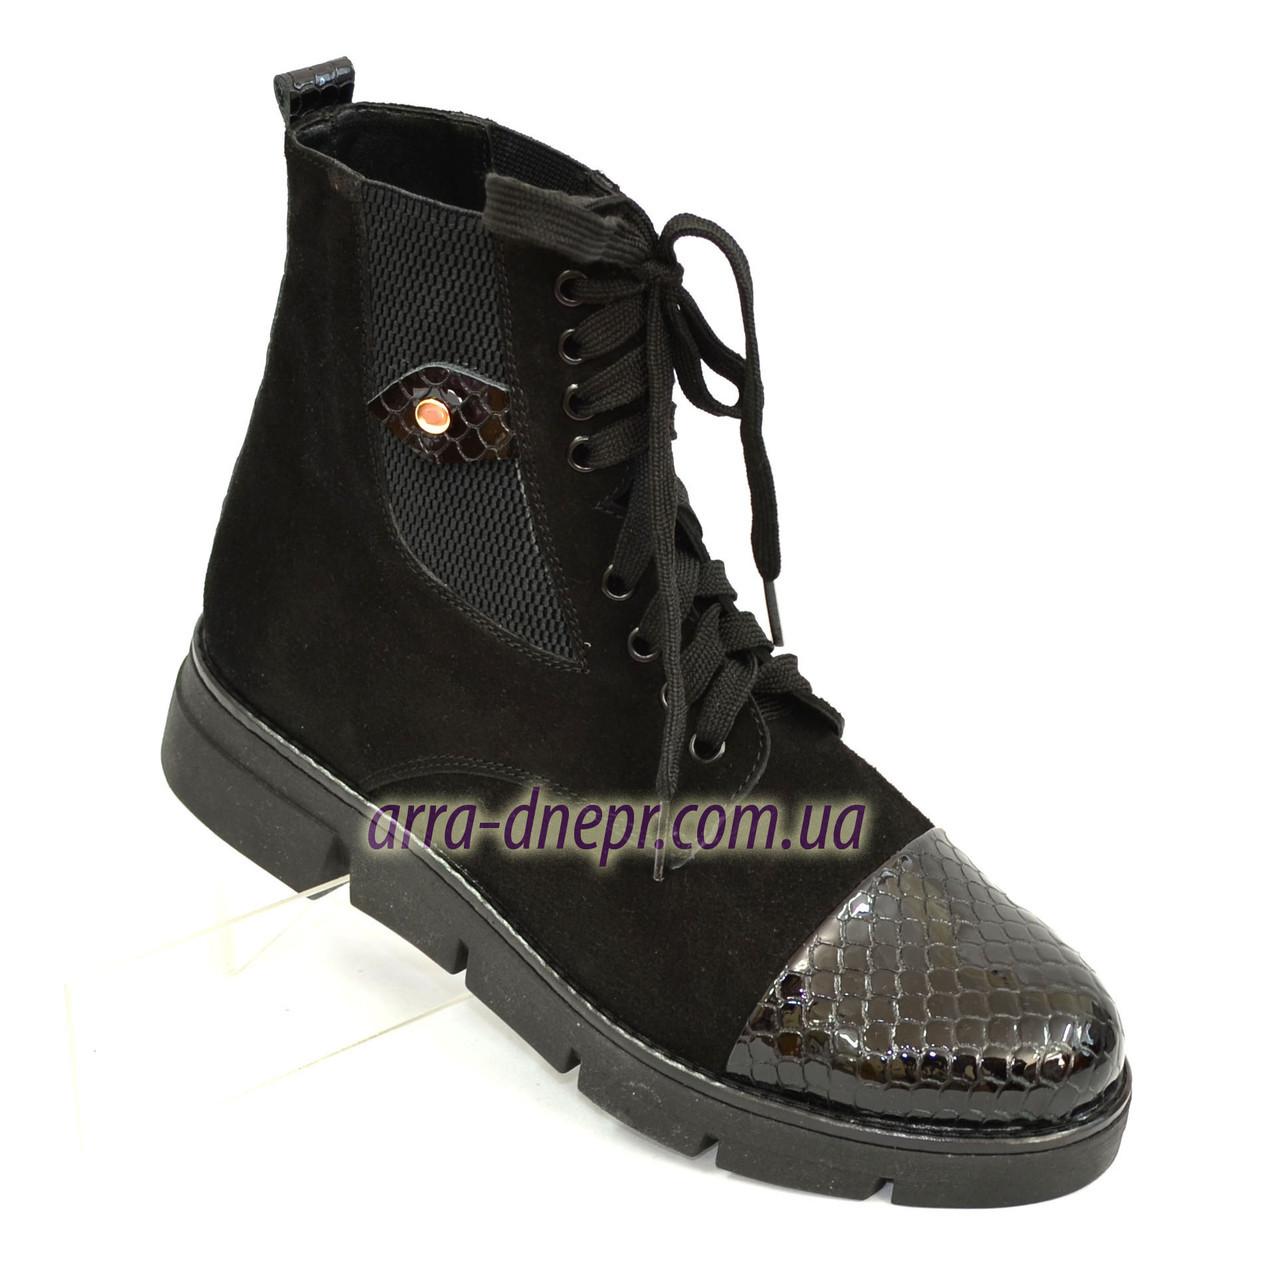 Стильные женские демисезонные ботинки на шнуровке, черный замш